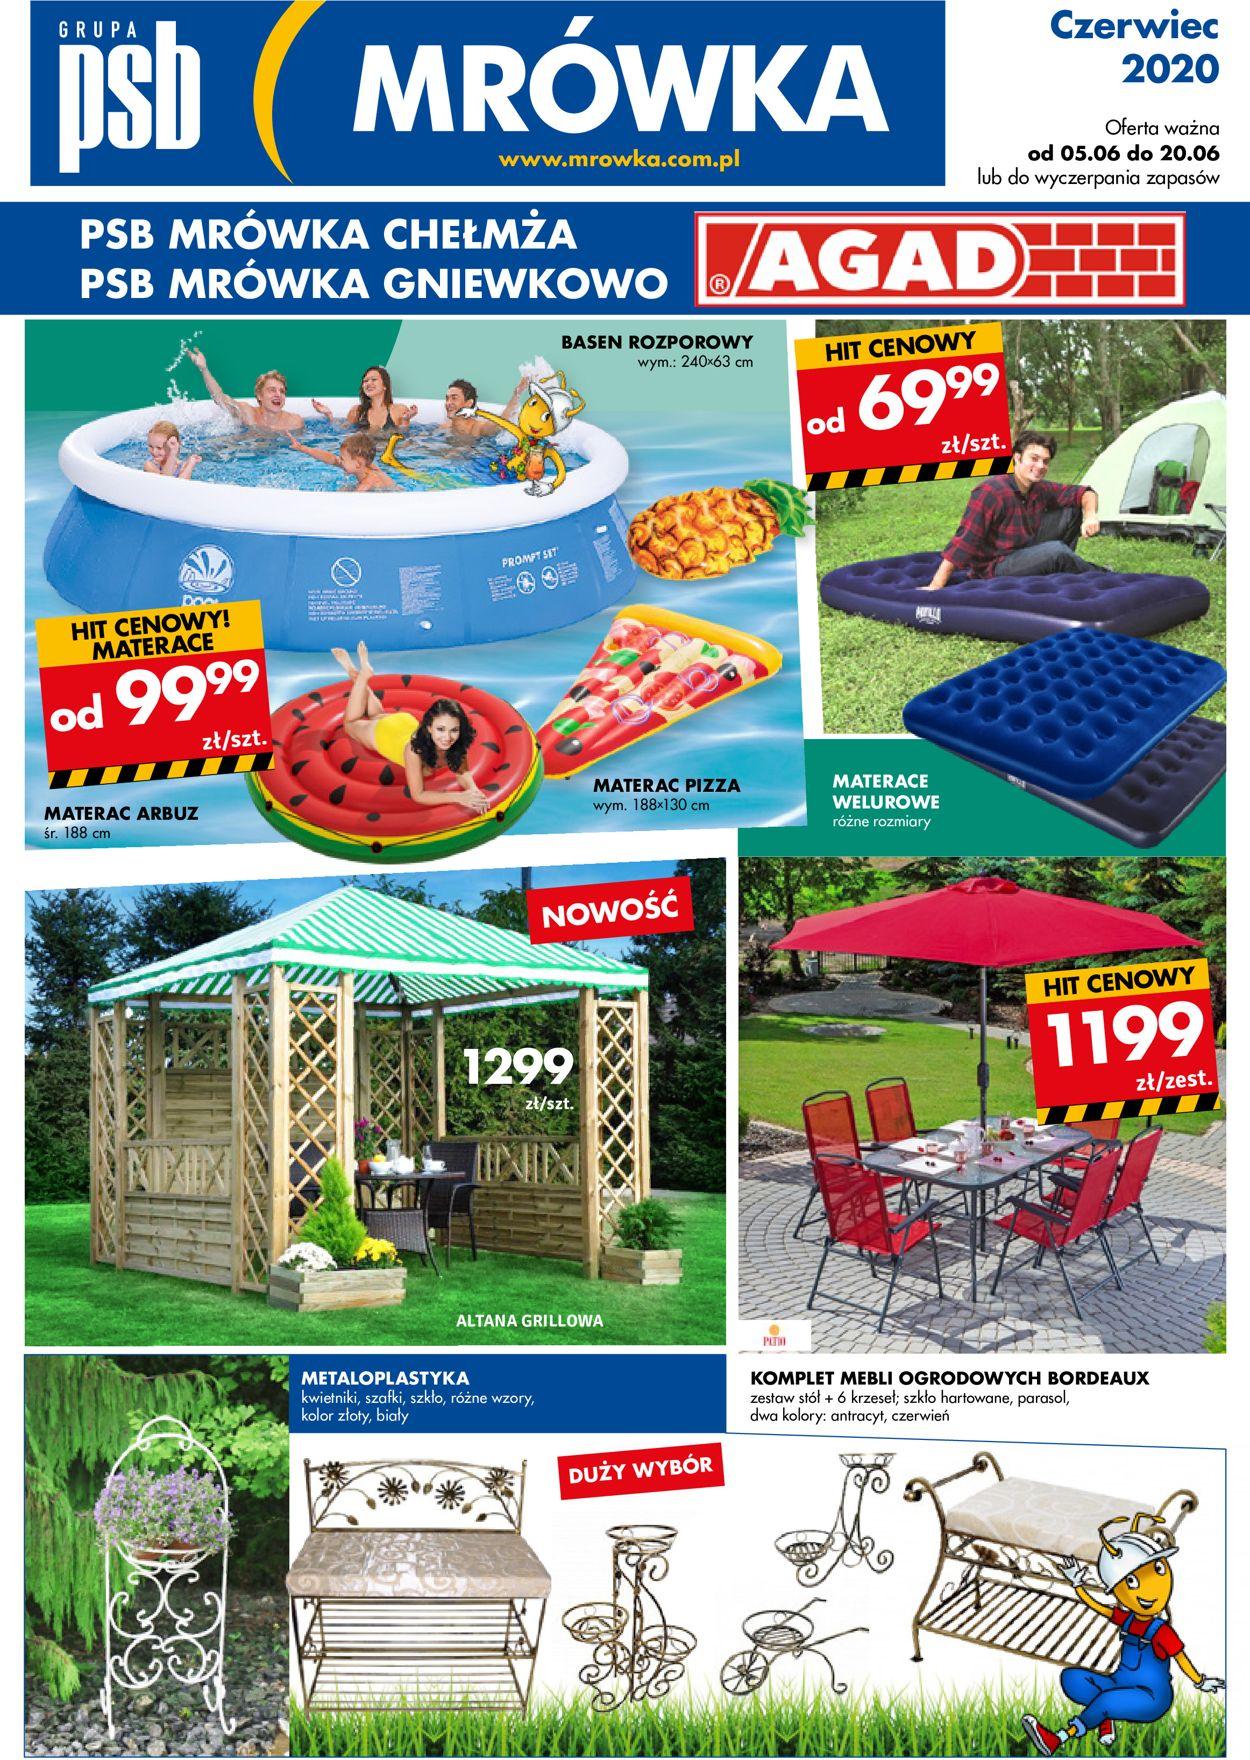 Gazetka promocyjna Mrówka - 05.06-20.06.2020